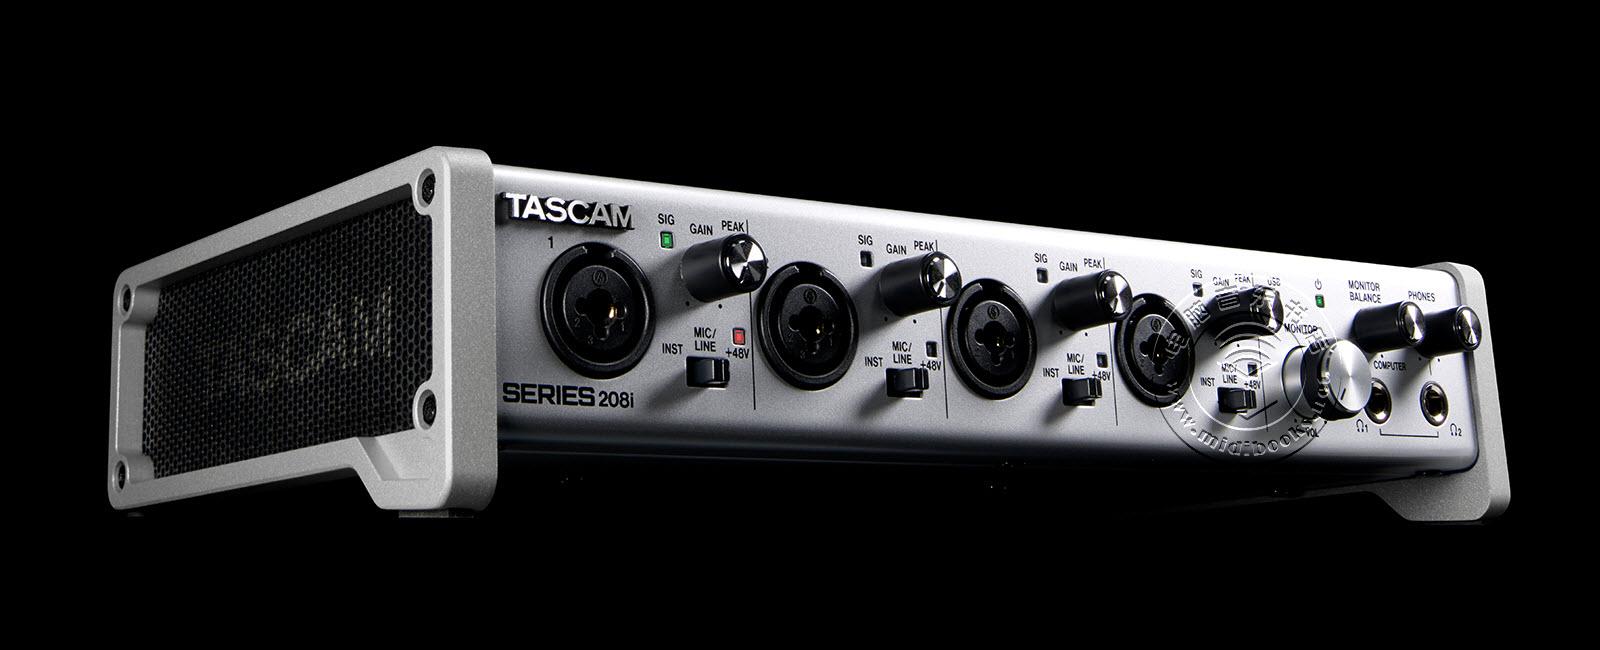 2019年NAMM展会新闻:TASCAM发布全新USB音频接口102i和208i(视频)